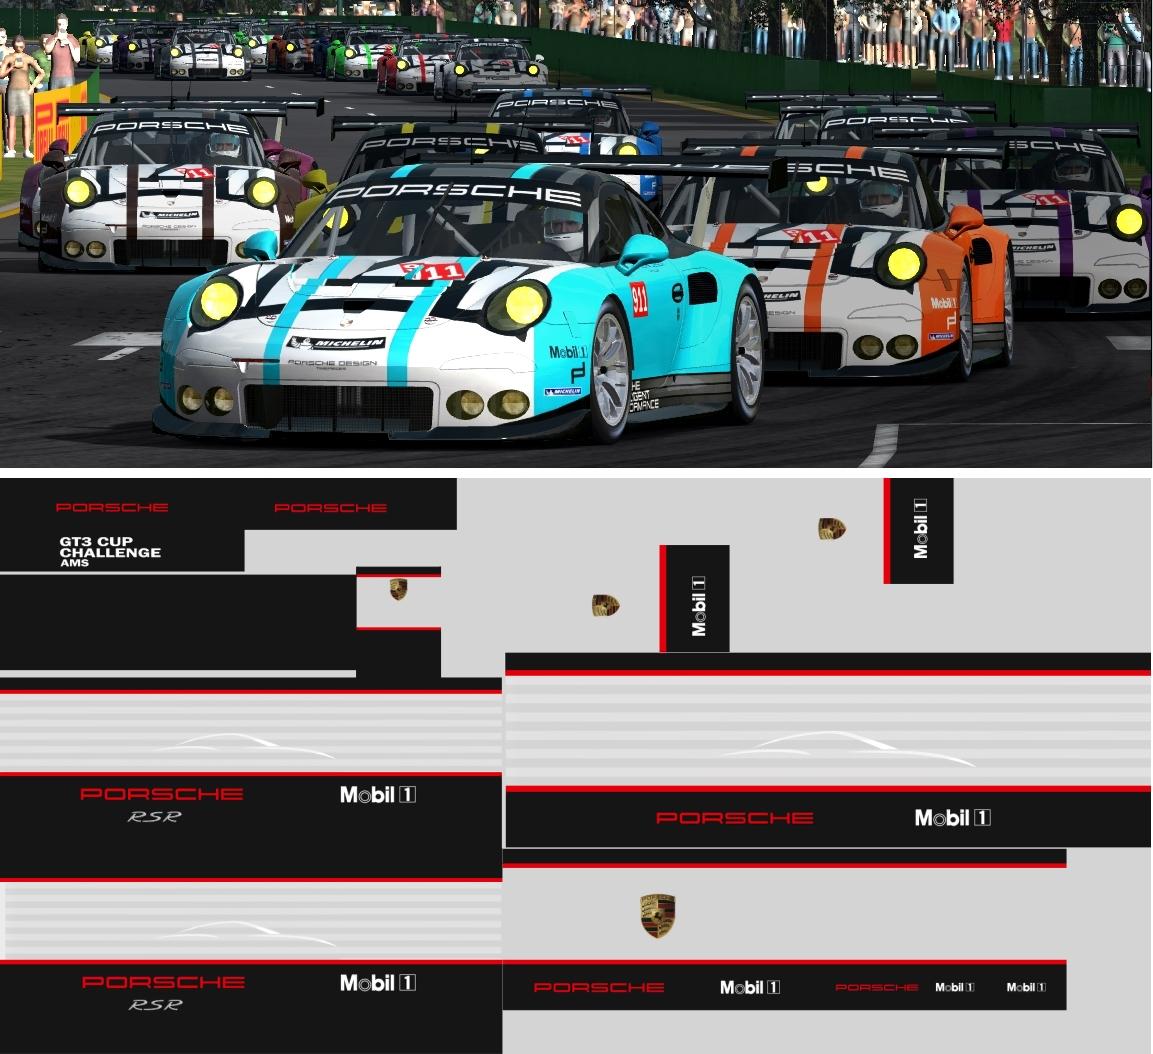 Porsche _Cup_Challenge & Garage.jpg